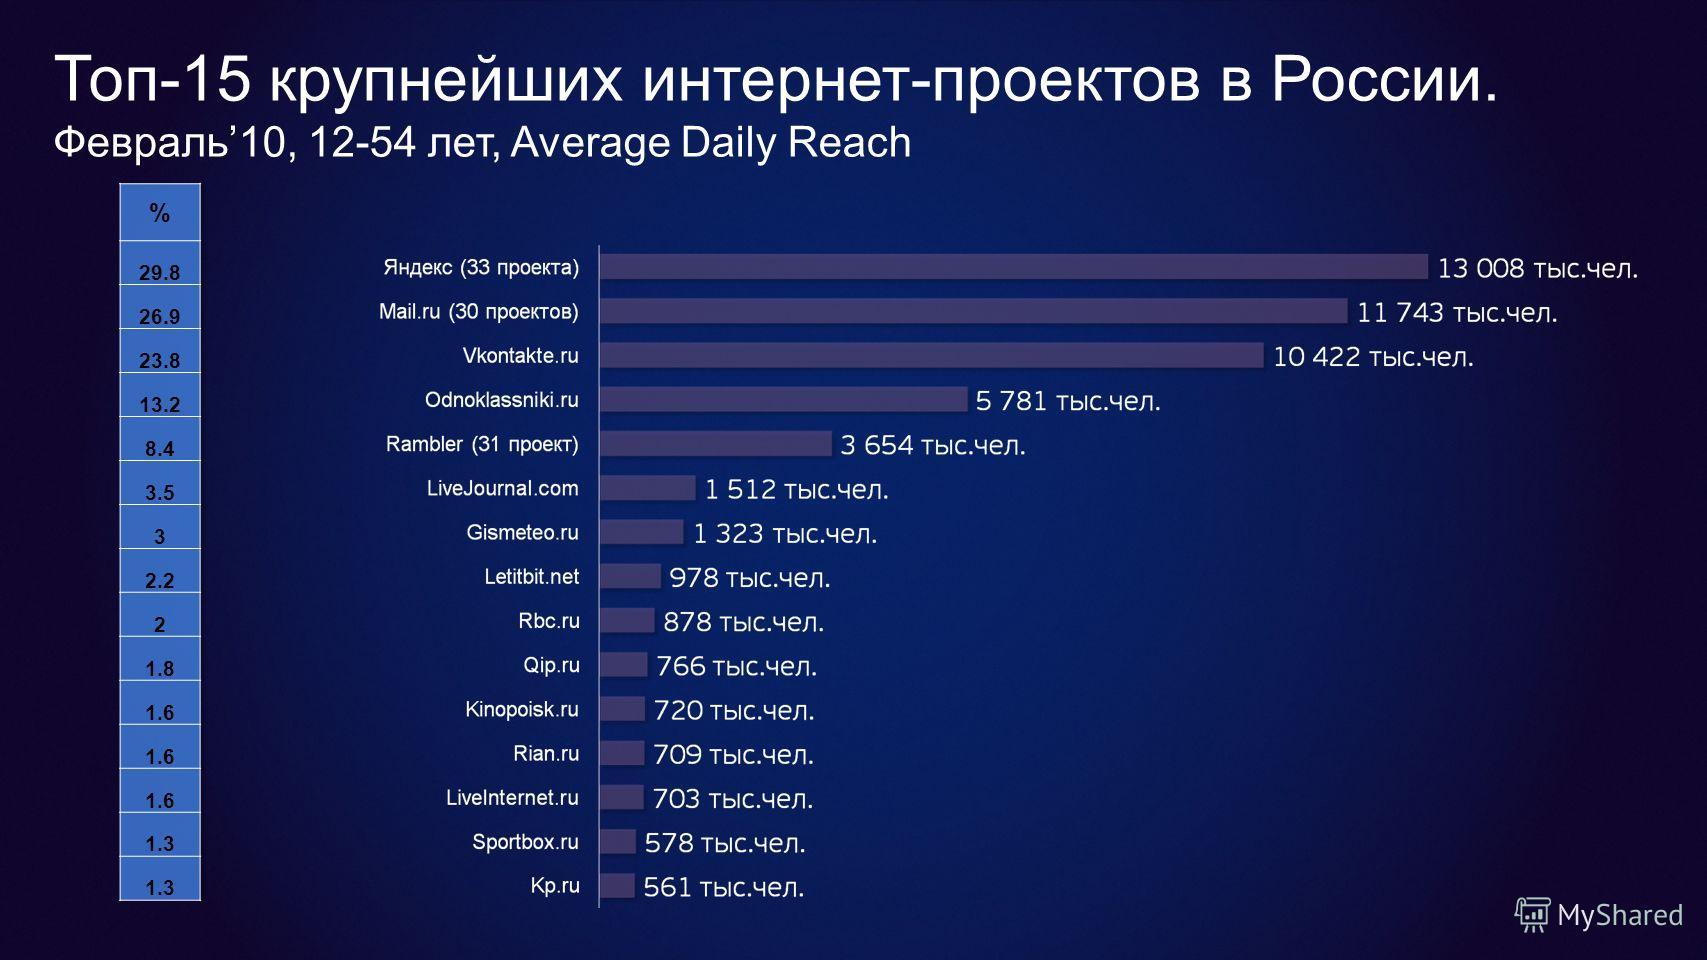 Топ-15 крупнейших интернет-проектов в России. Февраль10, 12-54 лет, Average Daily Reach